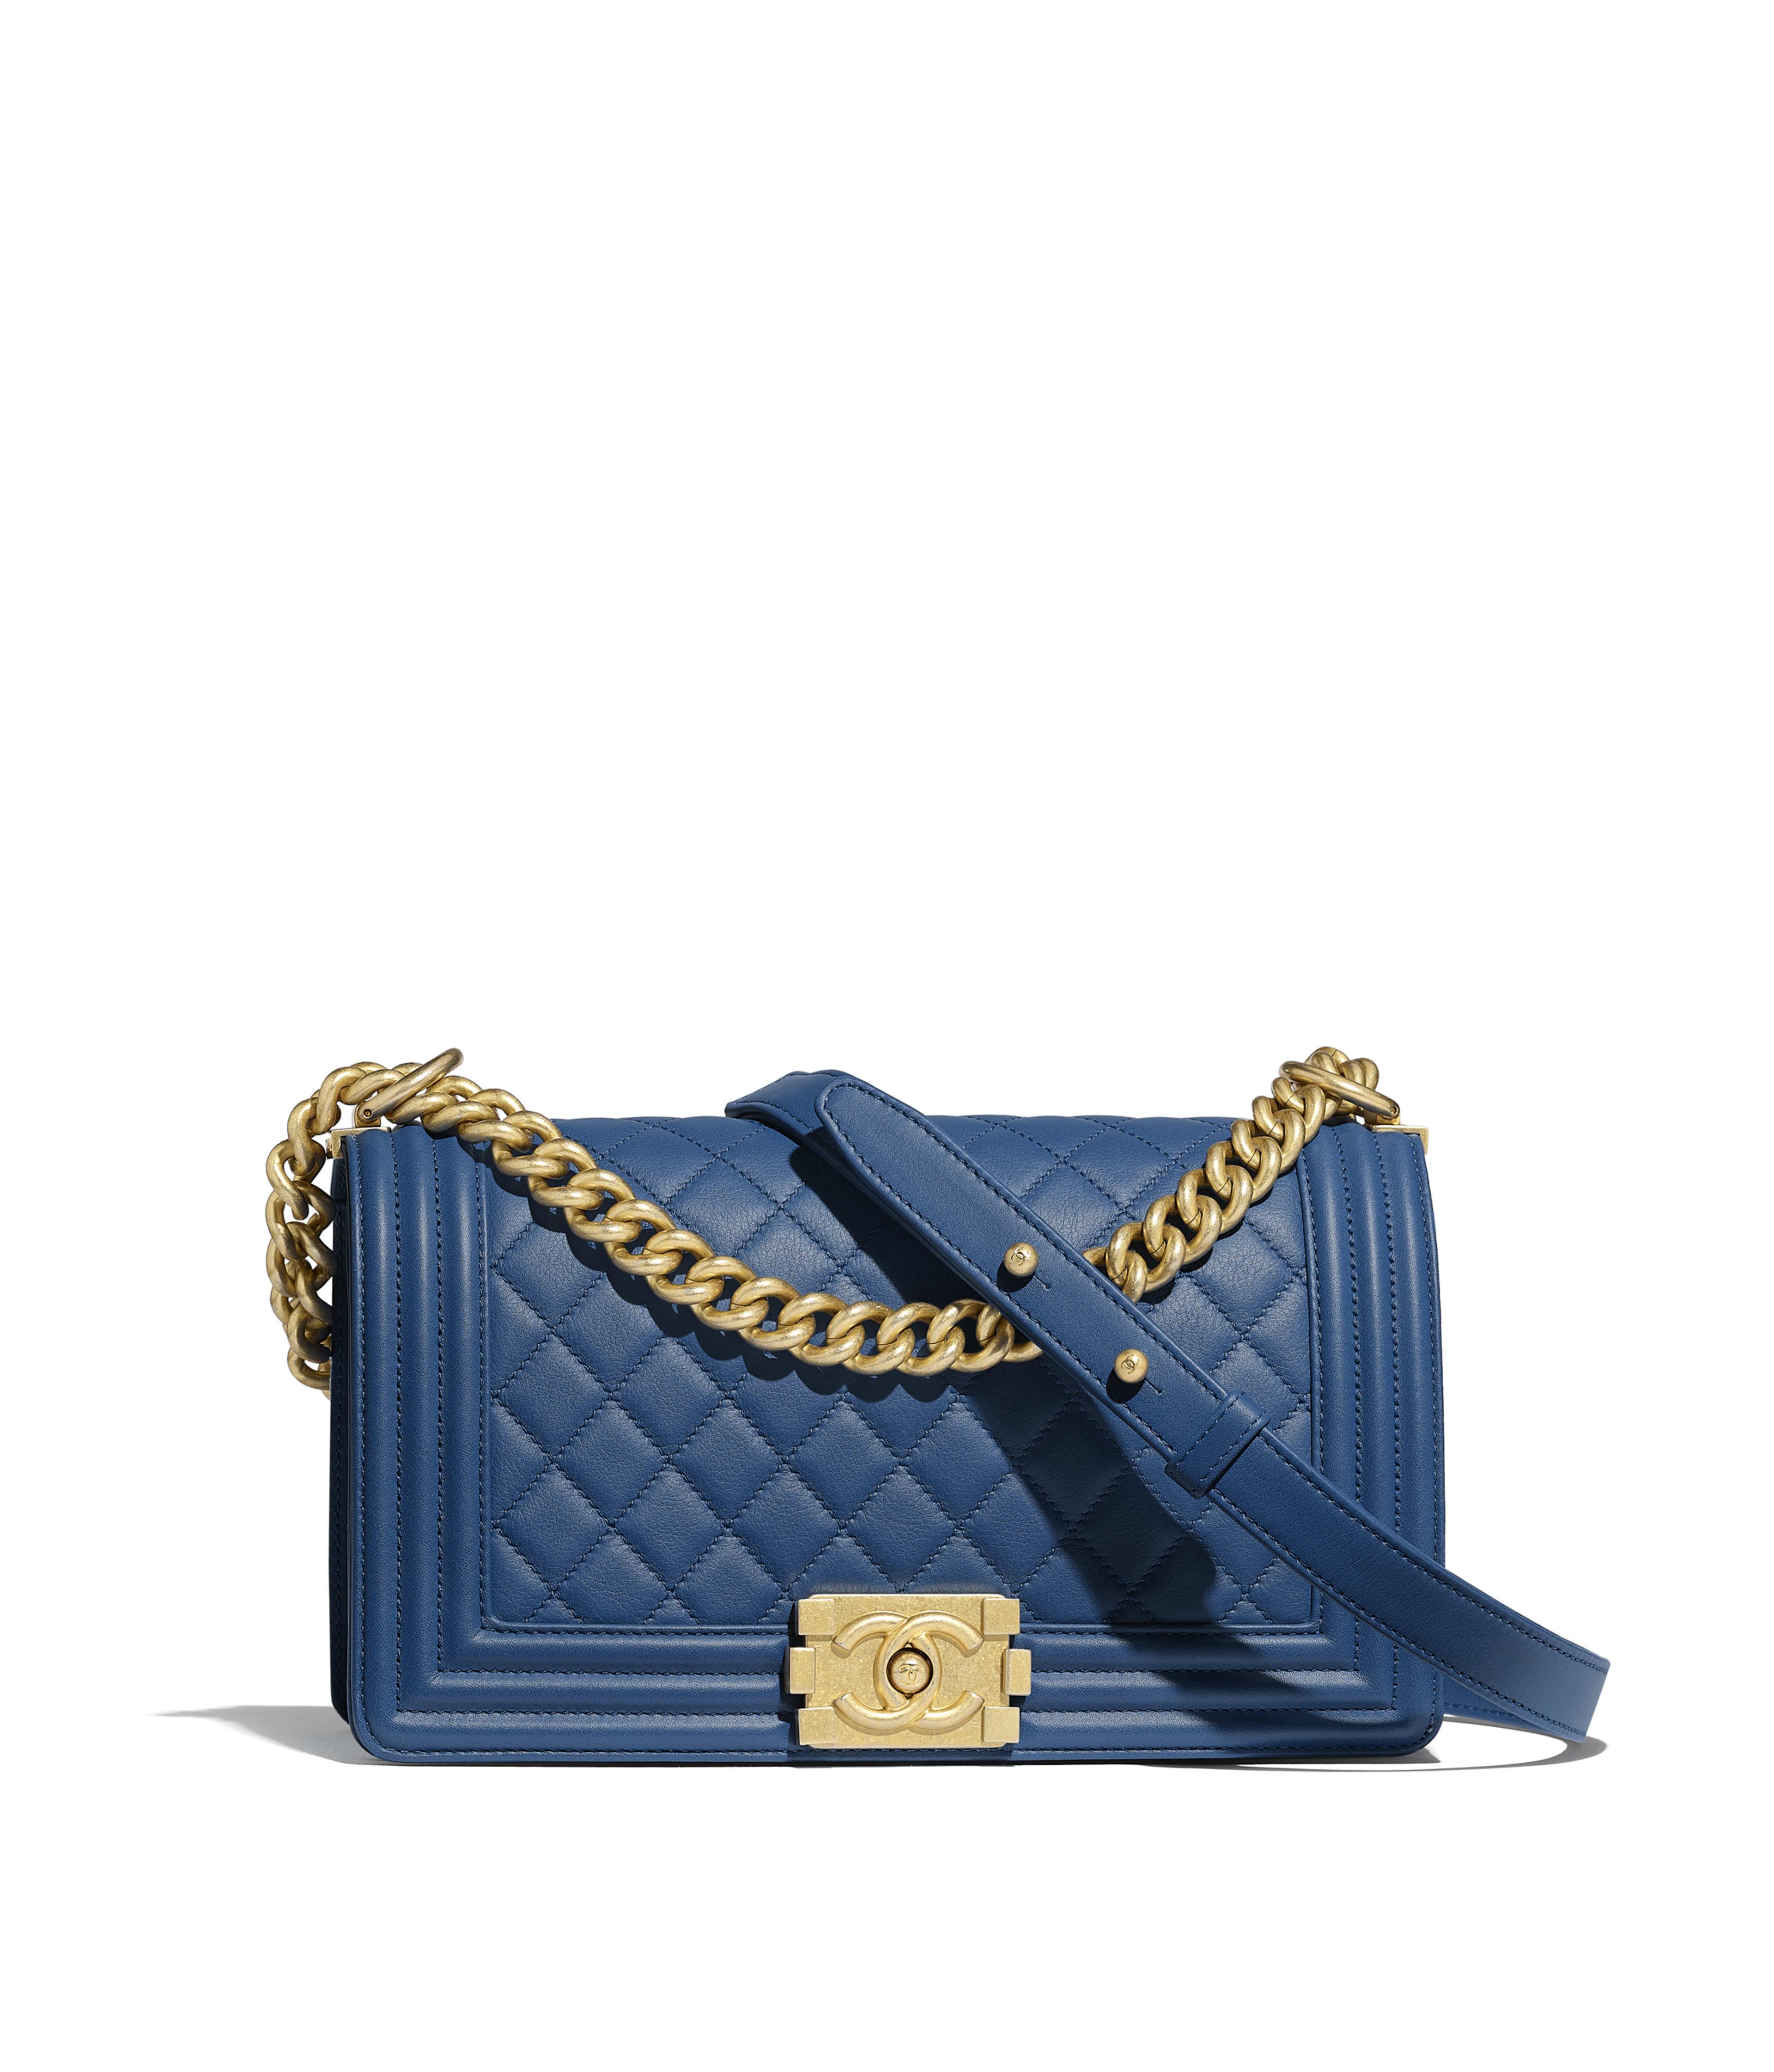 ac1eb79c76bf BOY CHANEL Handbag Calfskin & Gold-Tone Metal, Dark Blue Ref.  A67086Y09939N0901